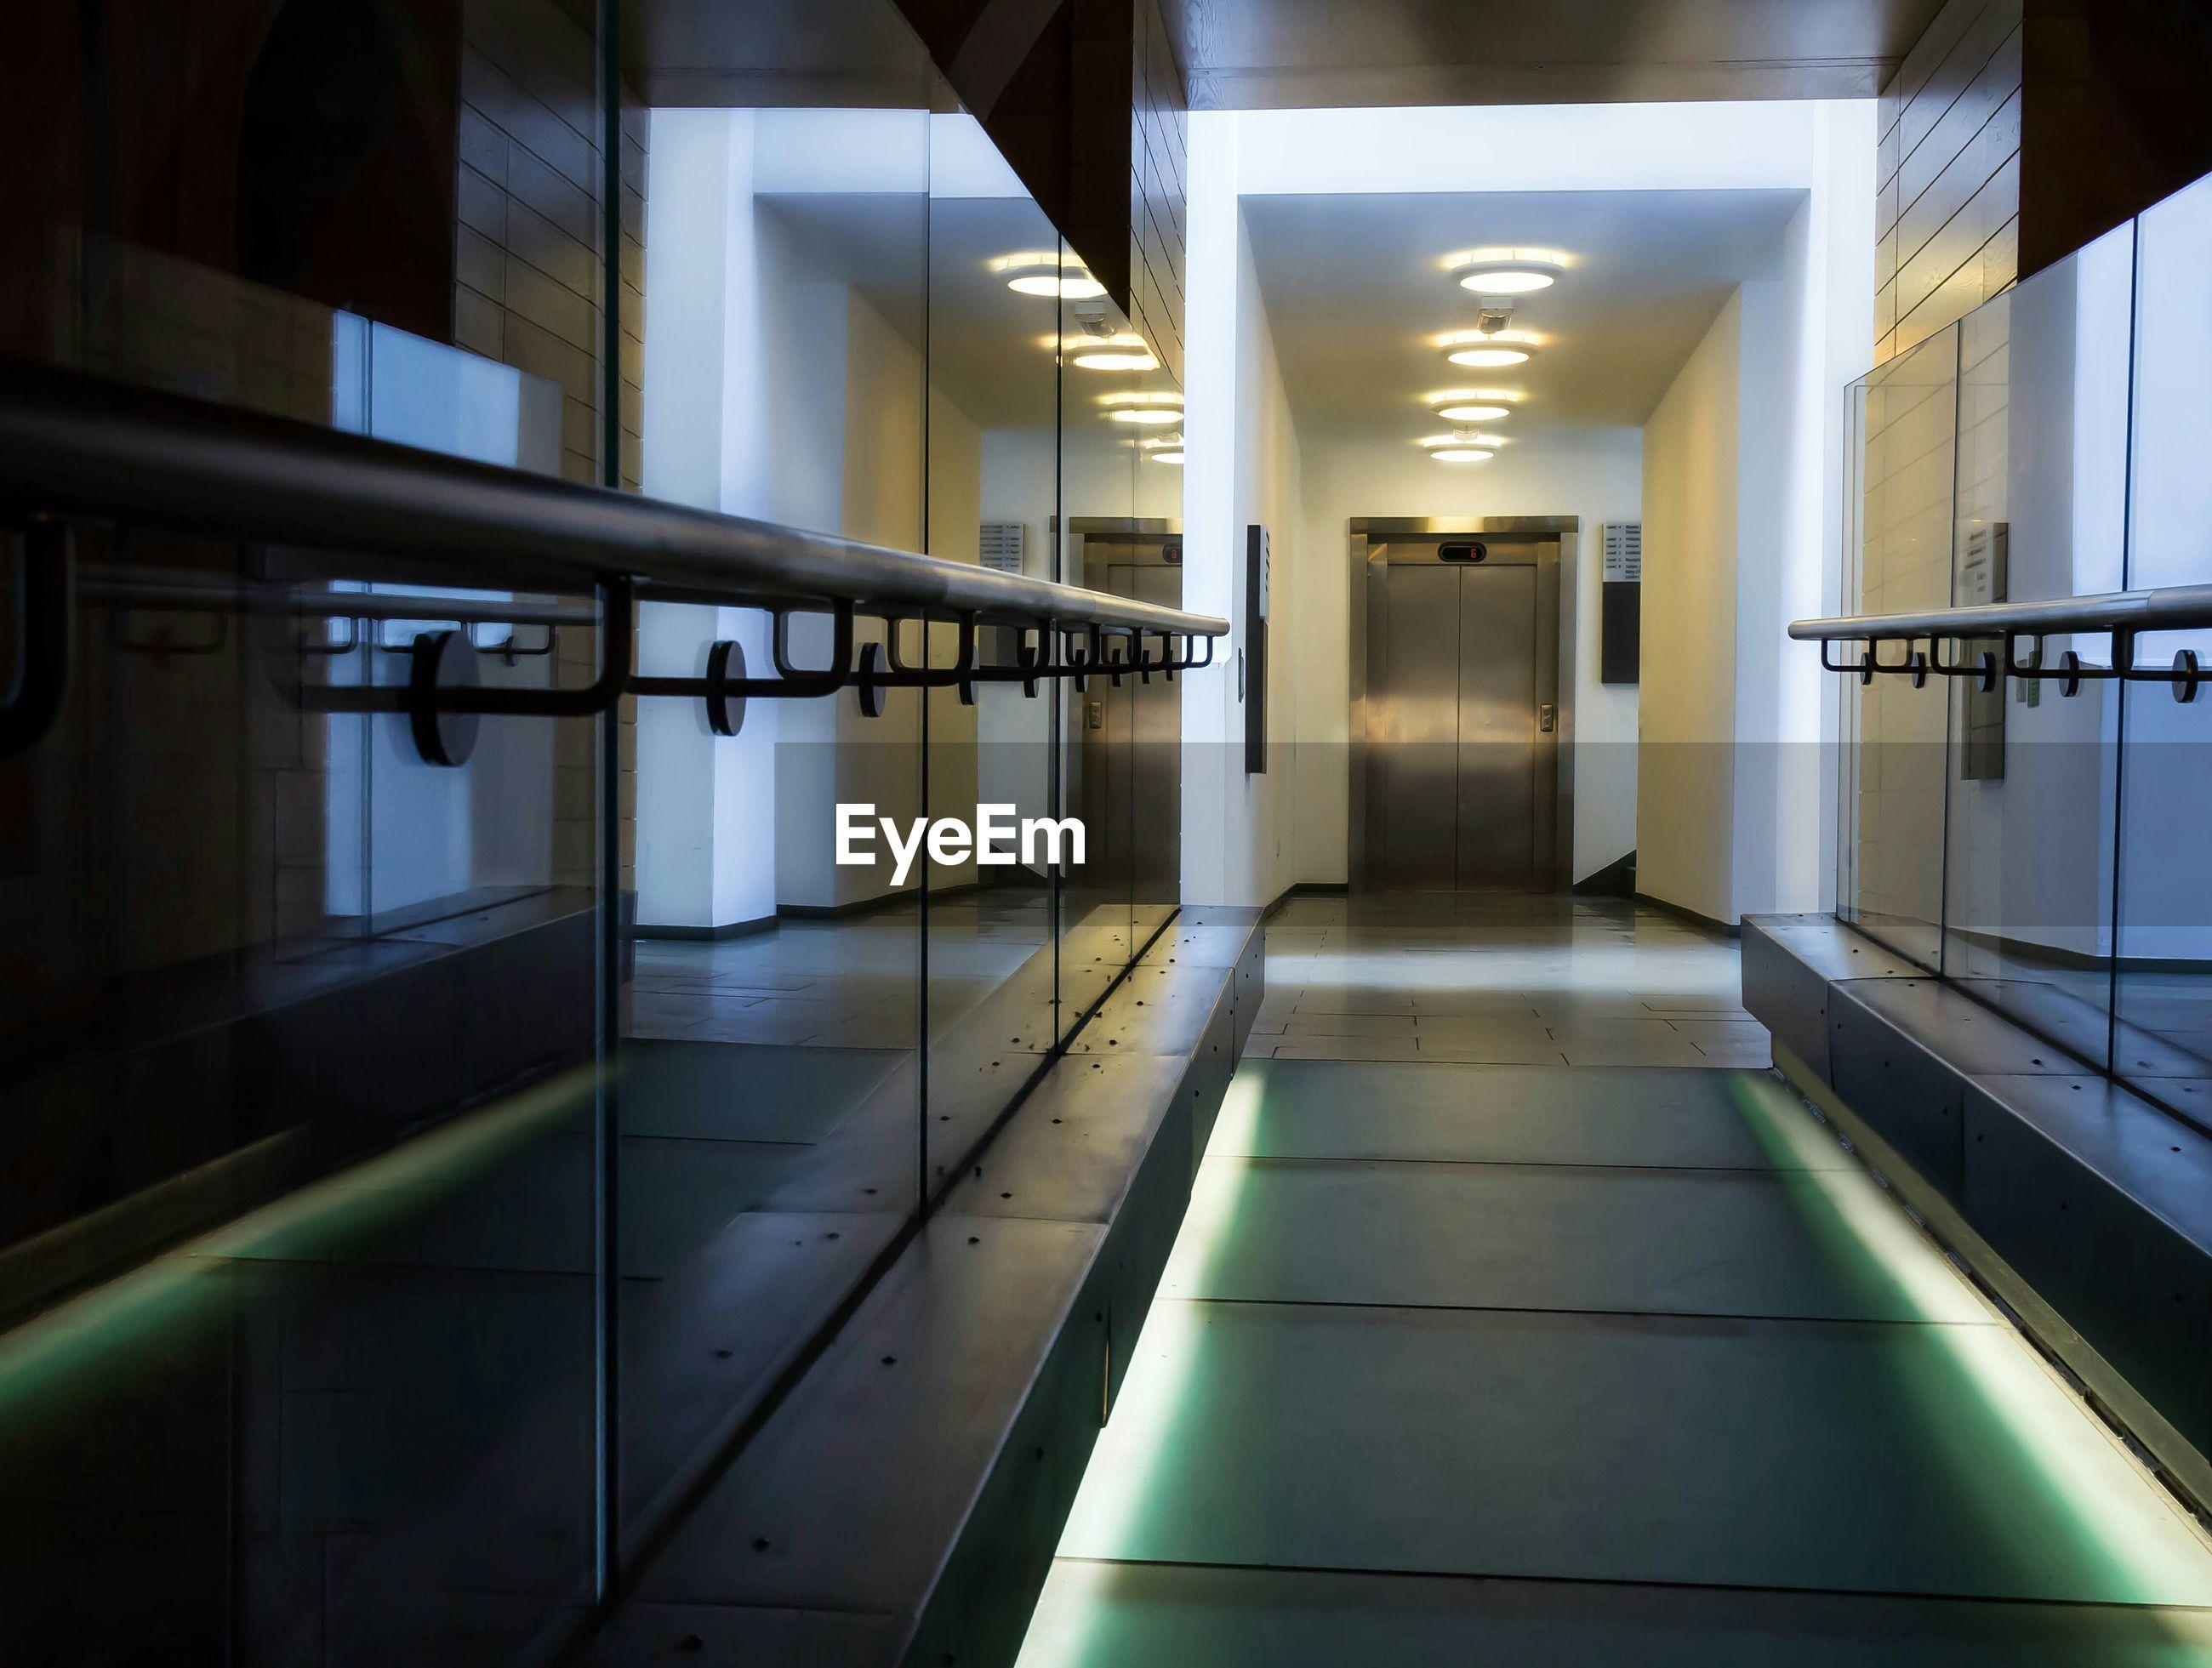 Illuminated passage in building